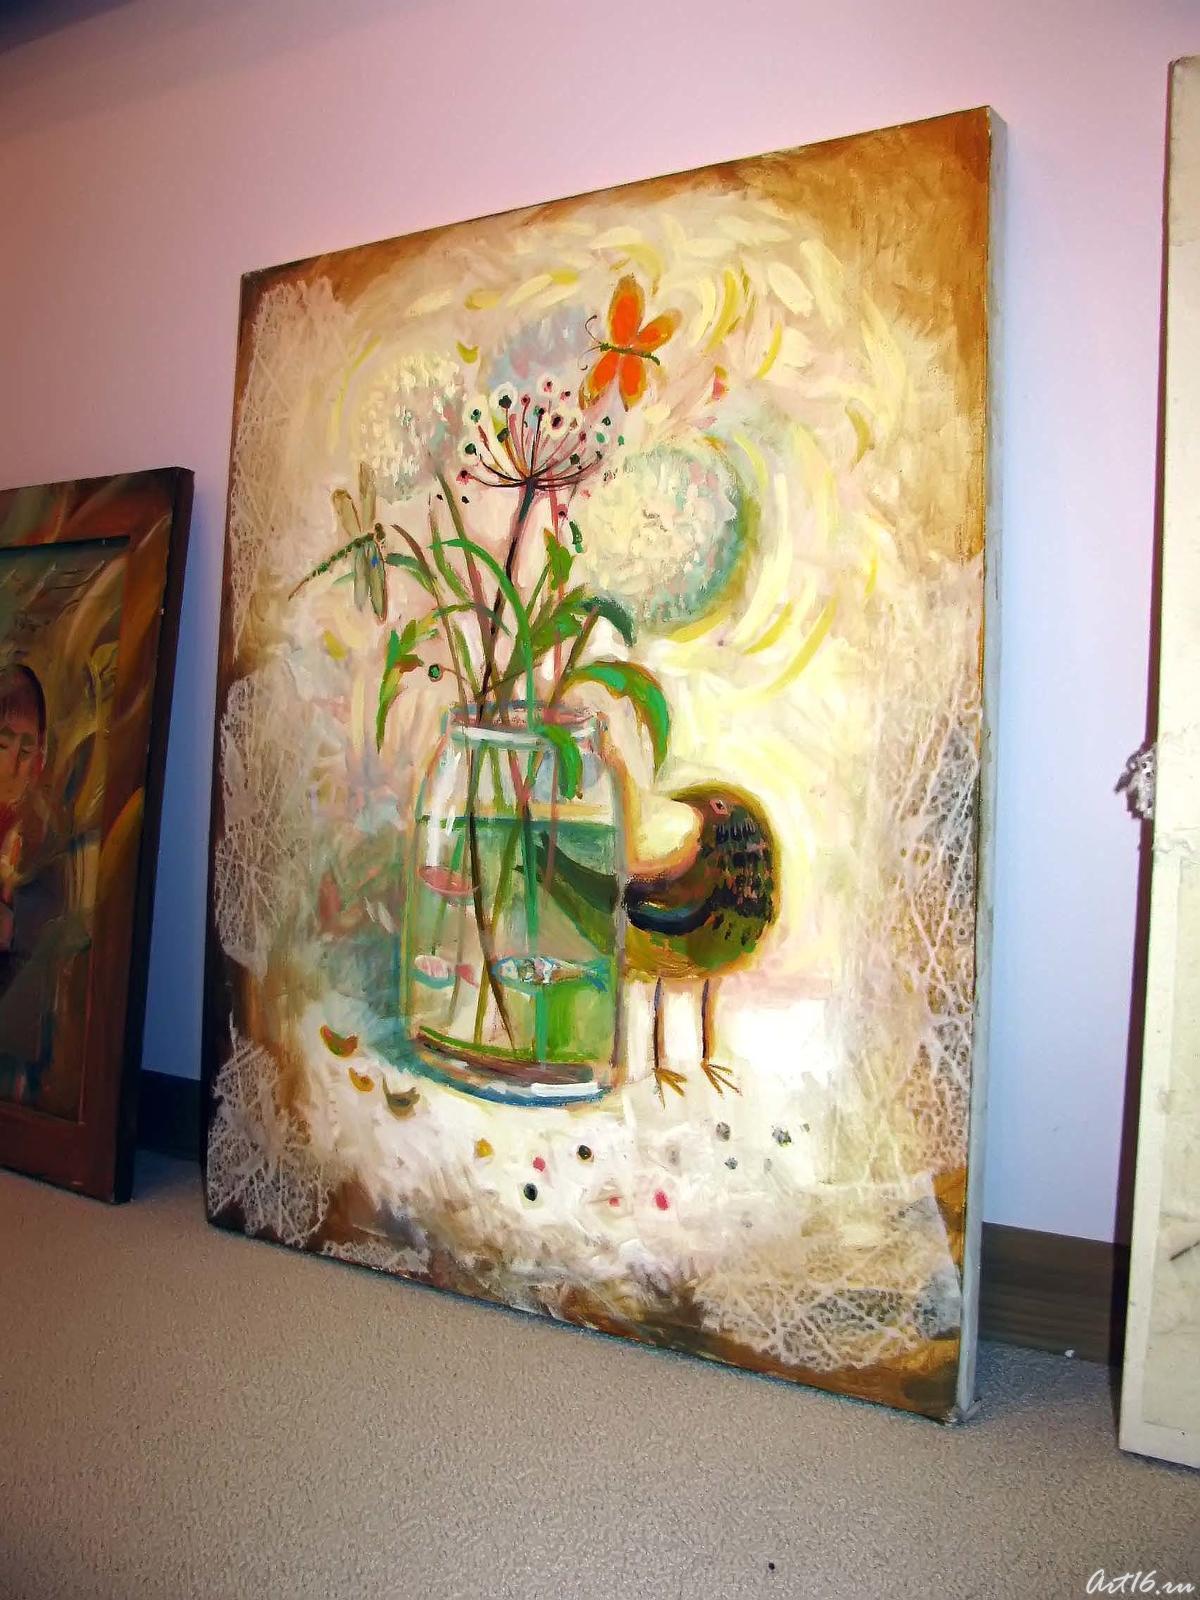 Фото №50845. Выставка мастеров творческого объединения ''Волшебная лавка''